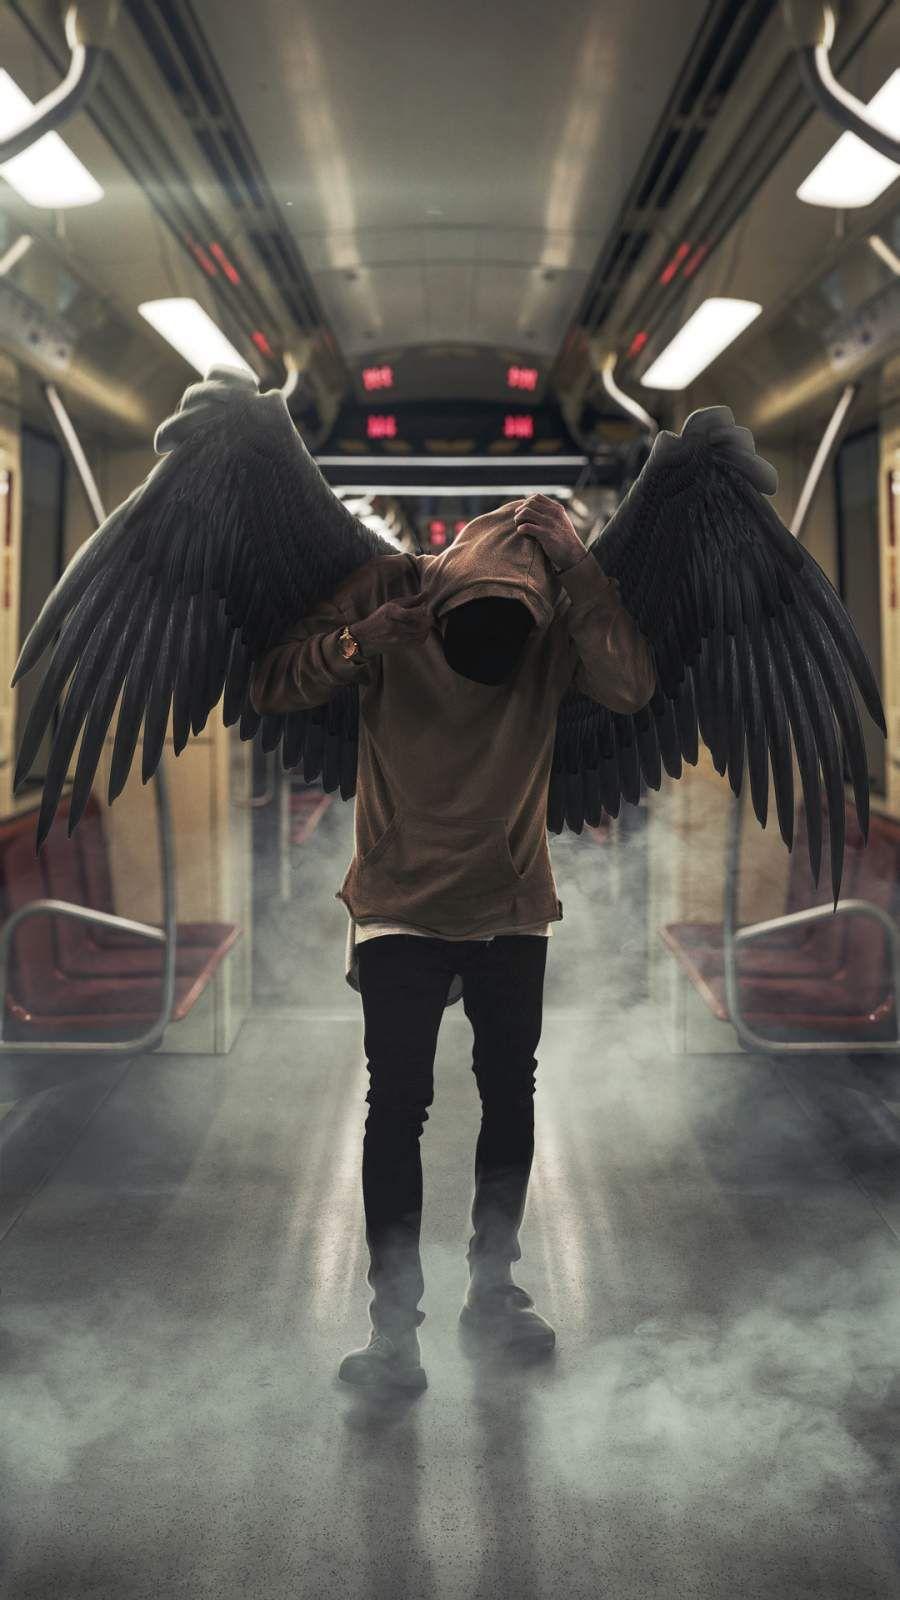 Hoodie Angel Iphone Wallpaper Joker Iphone Wallpaper Glitch Wallpaper Hipster Wallpaper Hd wallpaper black hoodie angel boy